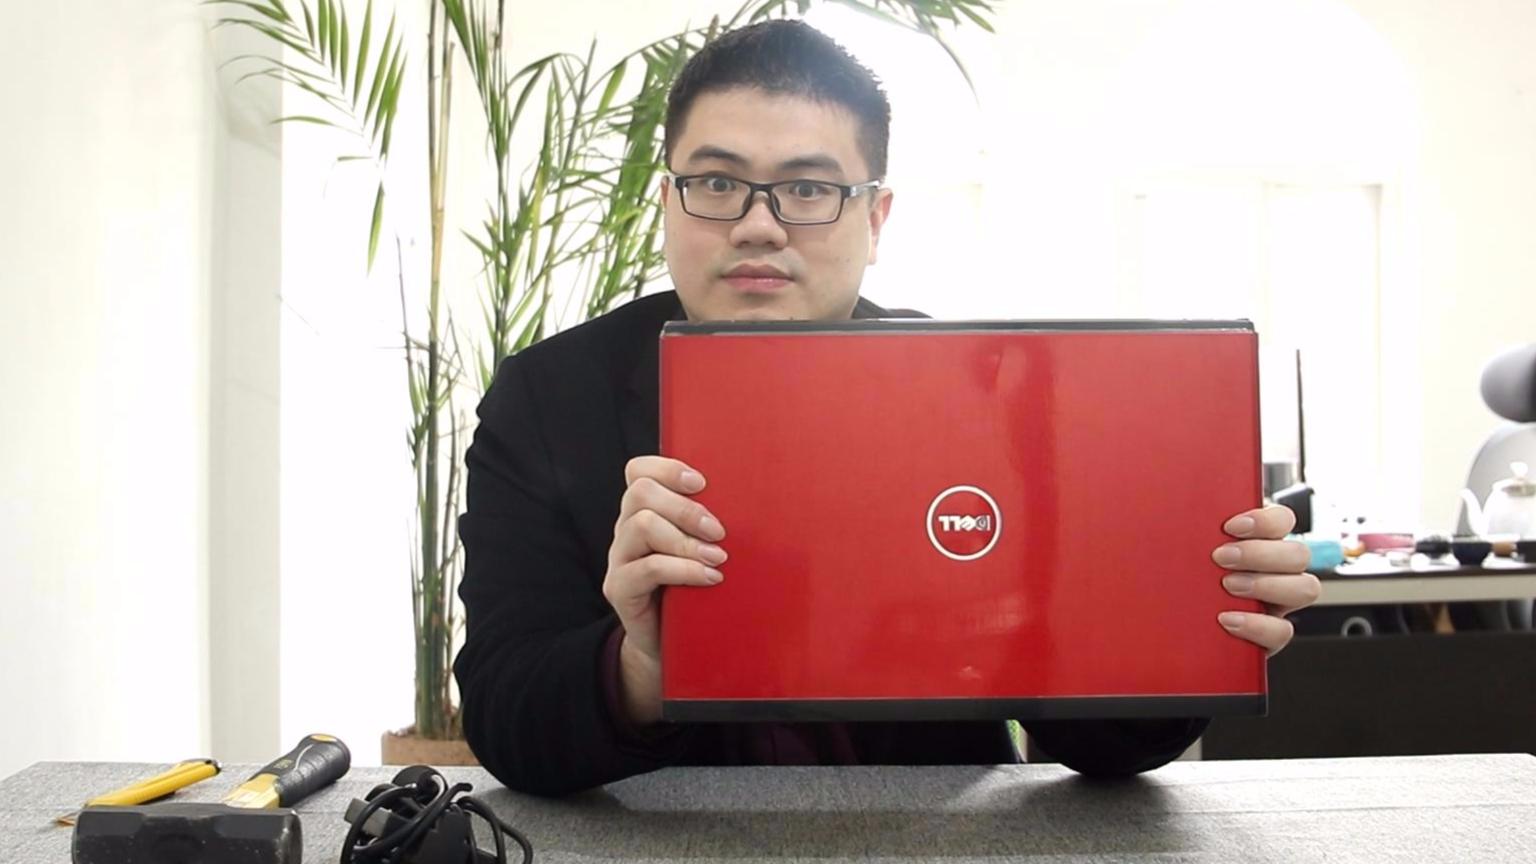 80块淘了台二手笔记本电脑,只内存就值100多,赚了!